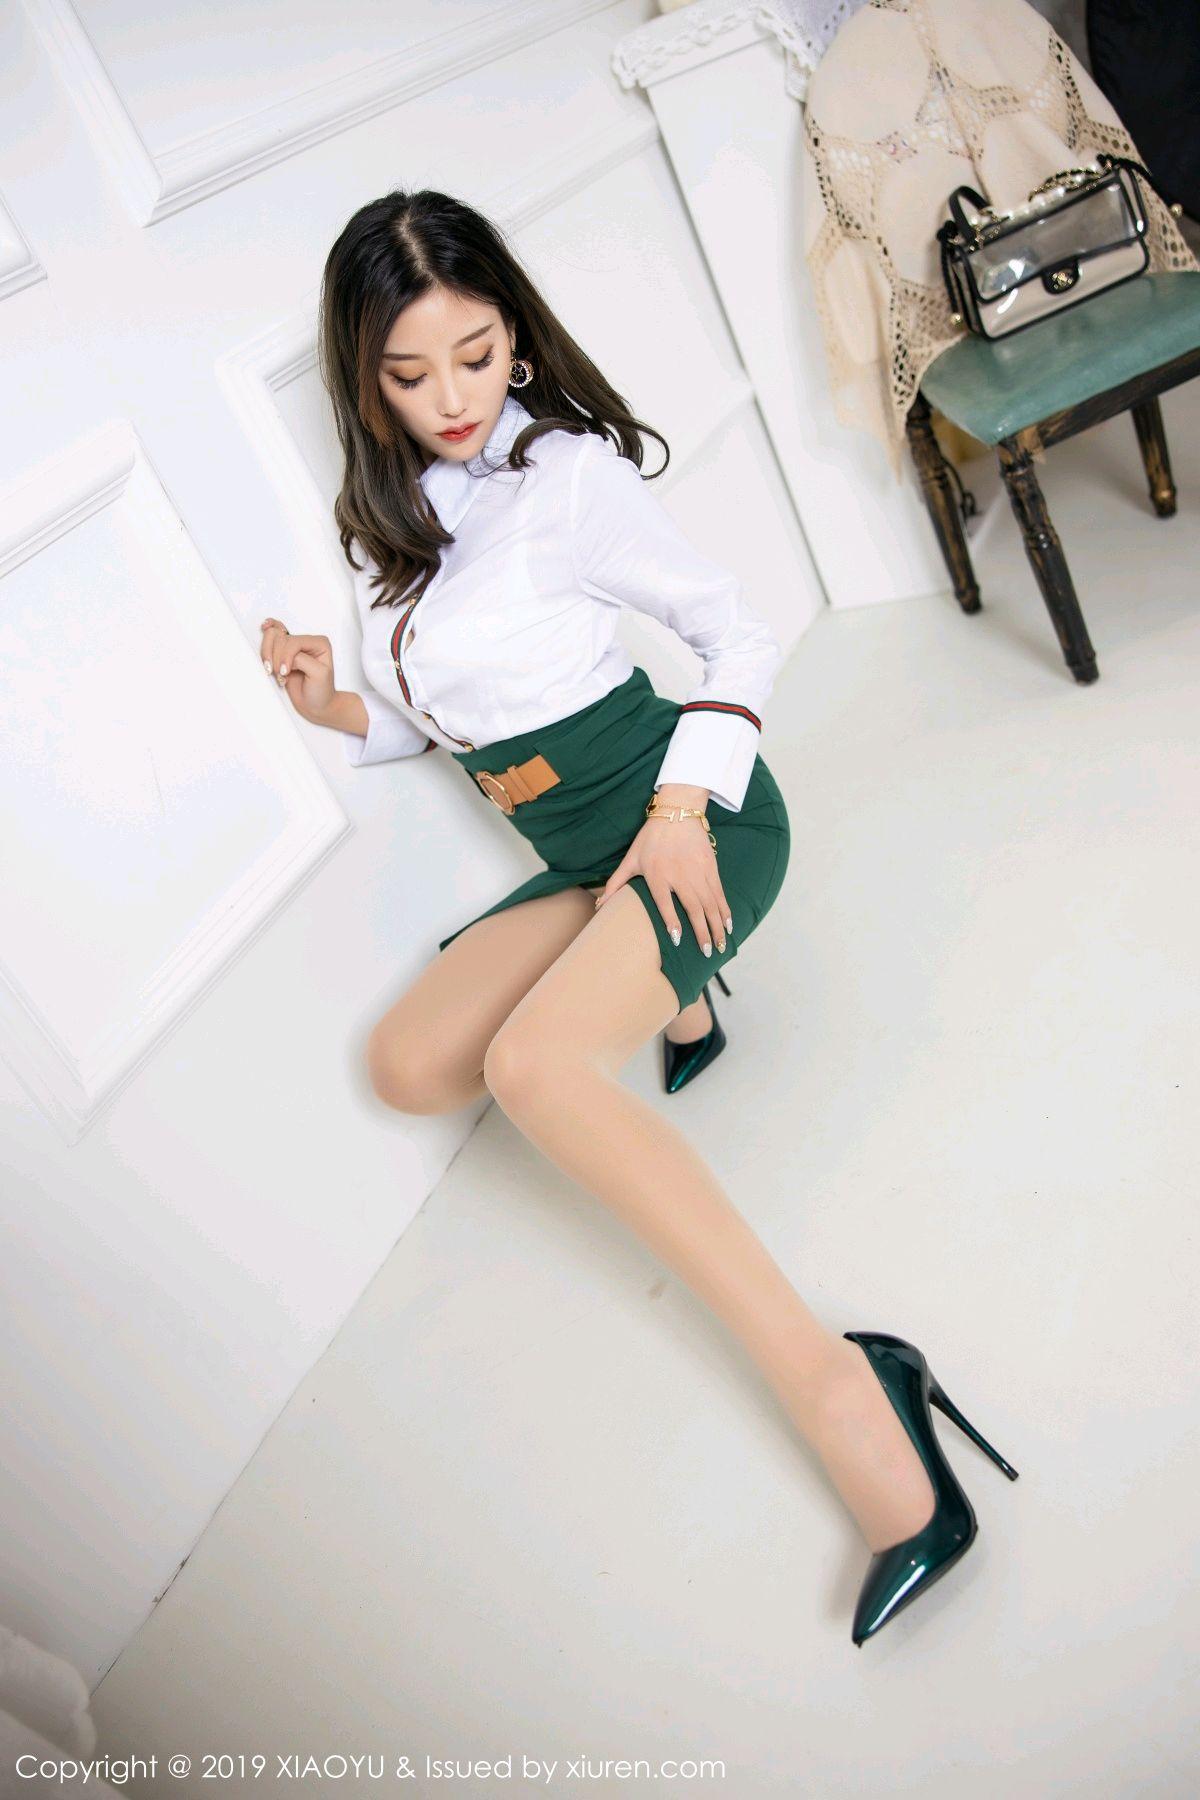 [XiaoYu] Vol.148 Yang Chen Chen 17P, Black Silk, XiaoYu, Yang Chen Chen